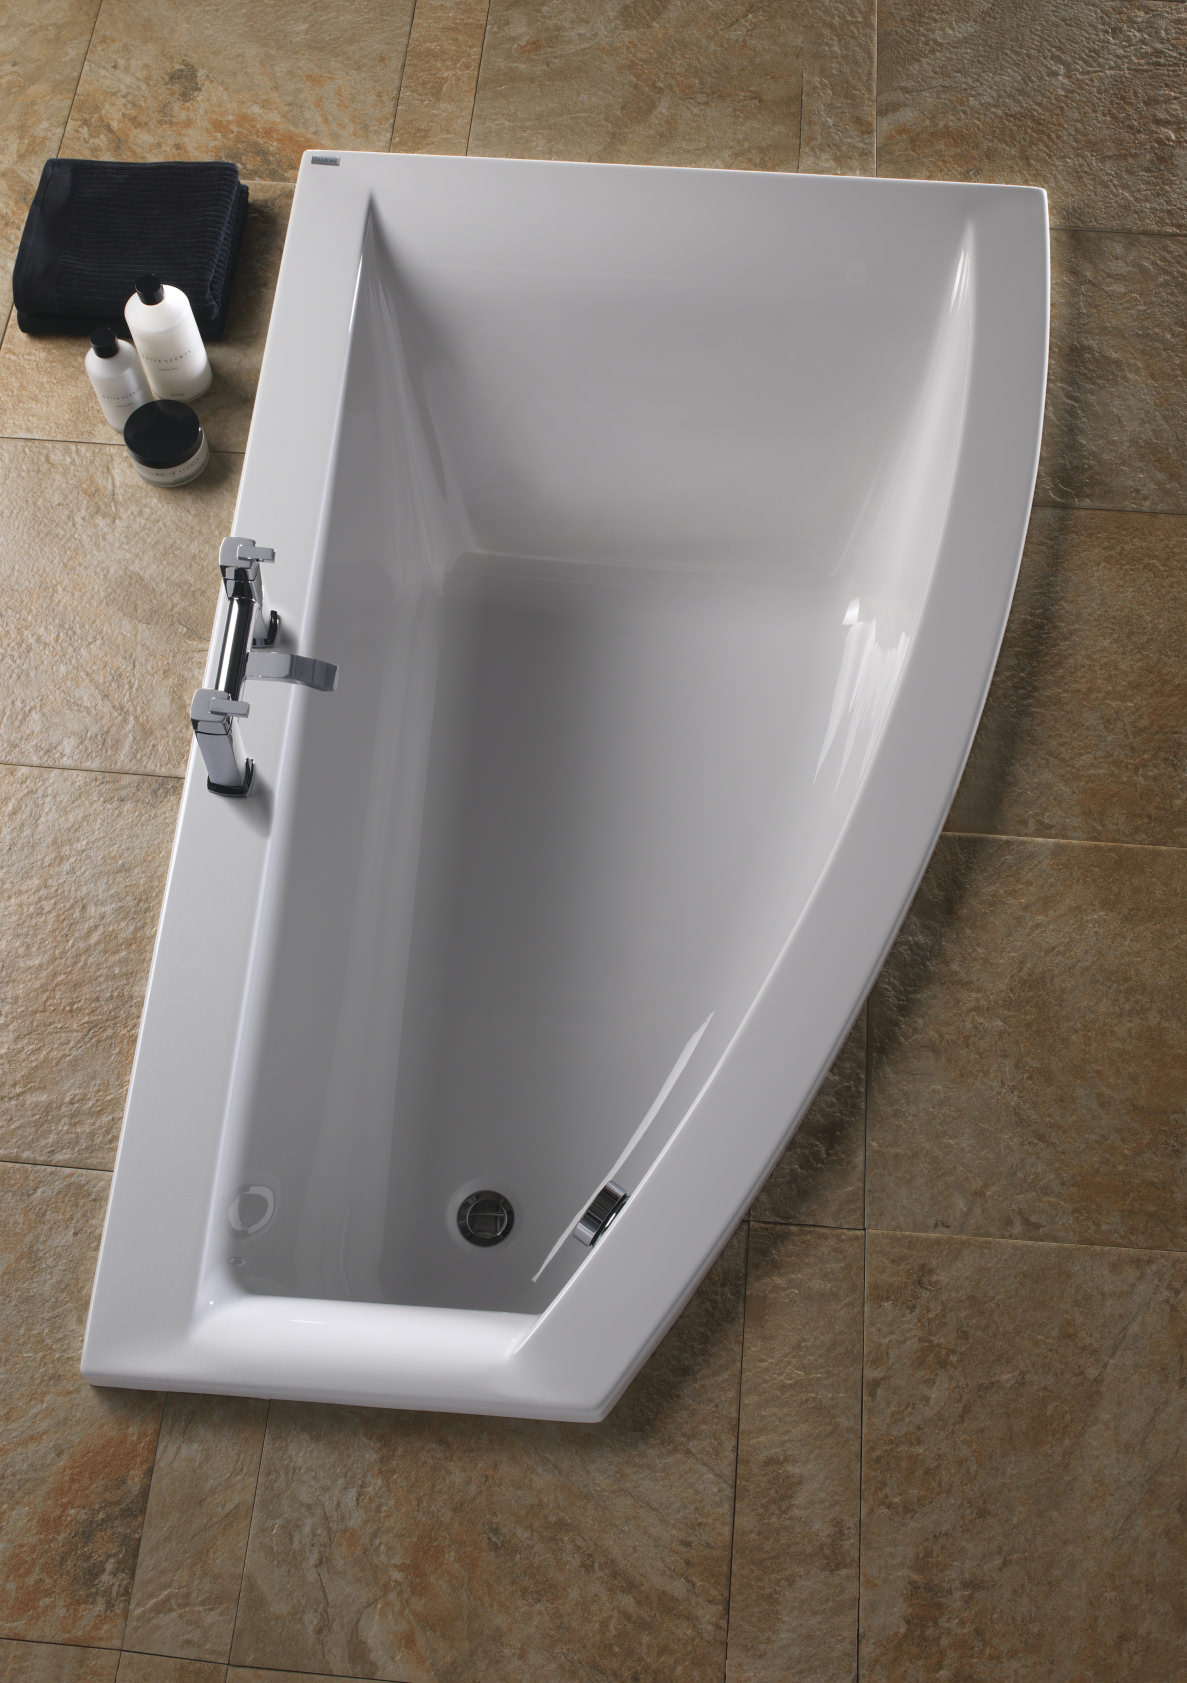 Twyford Indulgence 1600 X 500 1000mm Offset Corner Shower